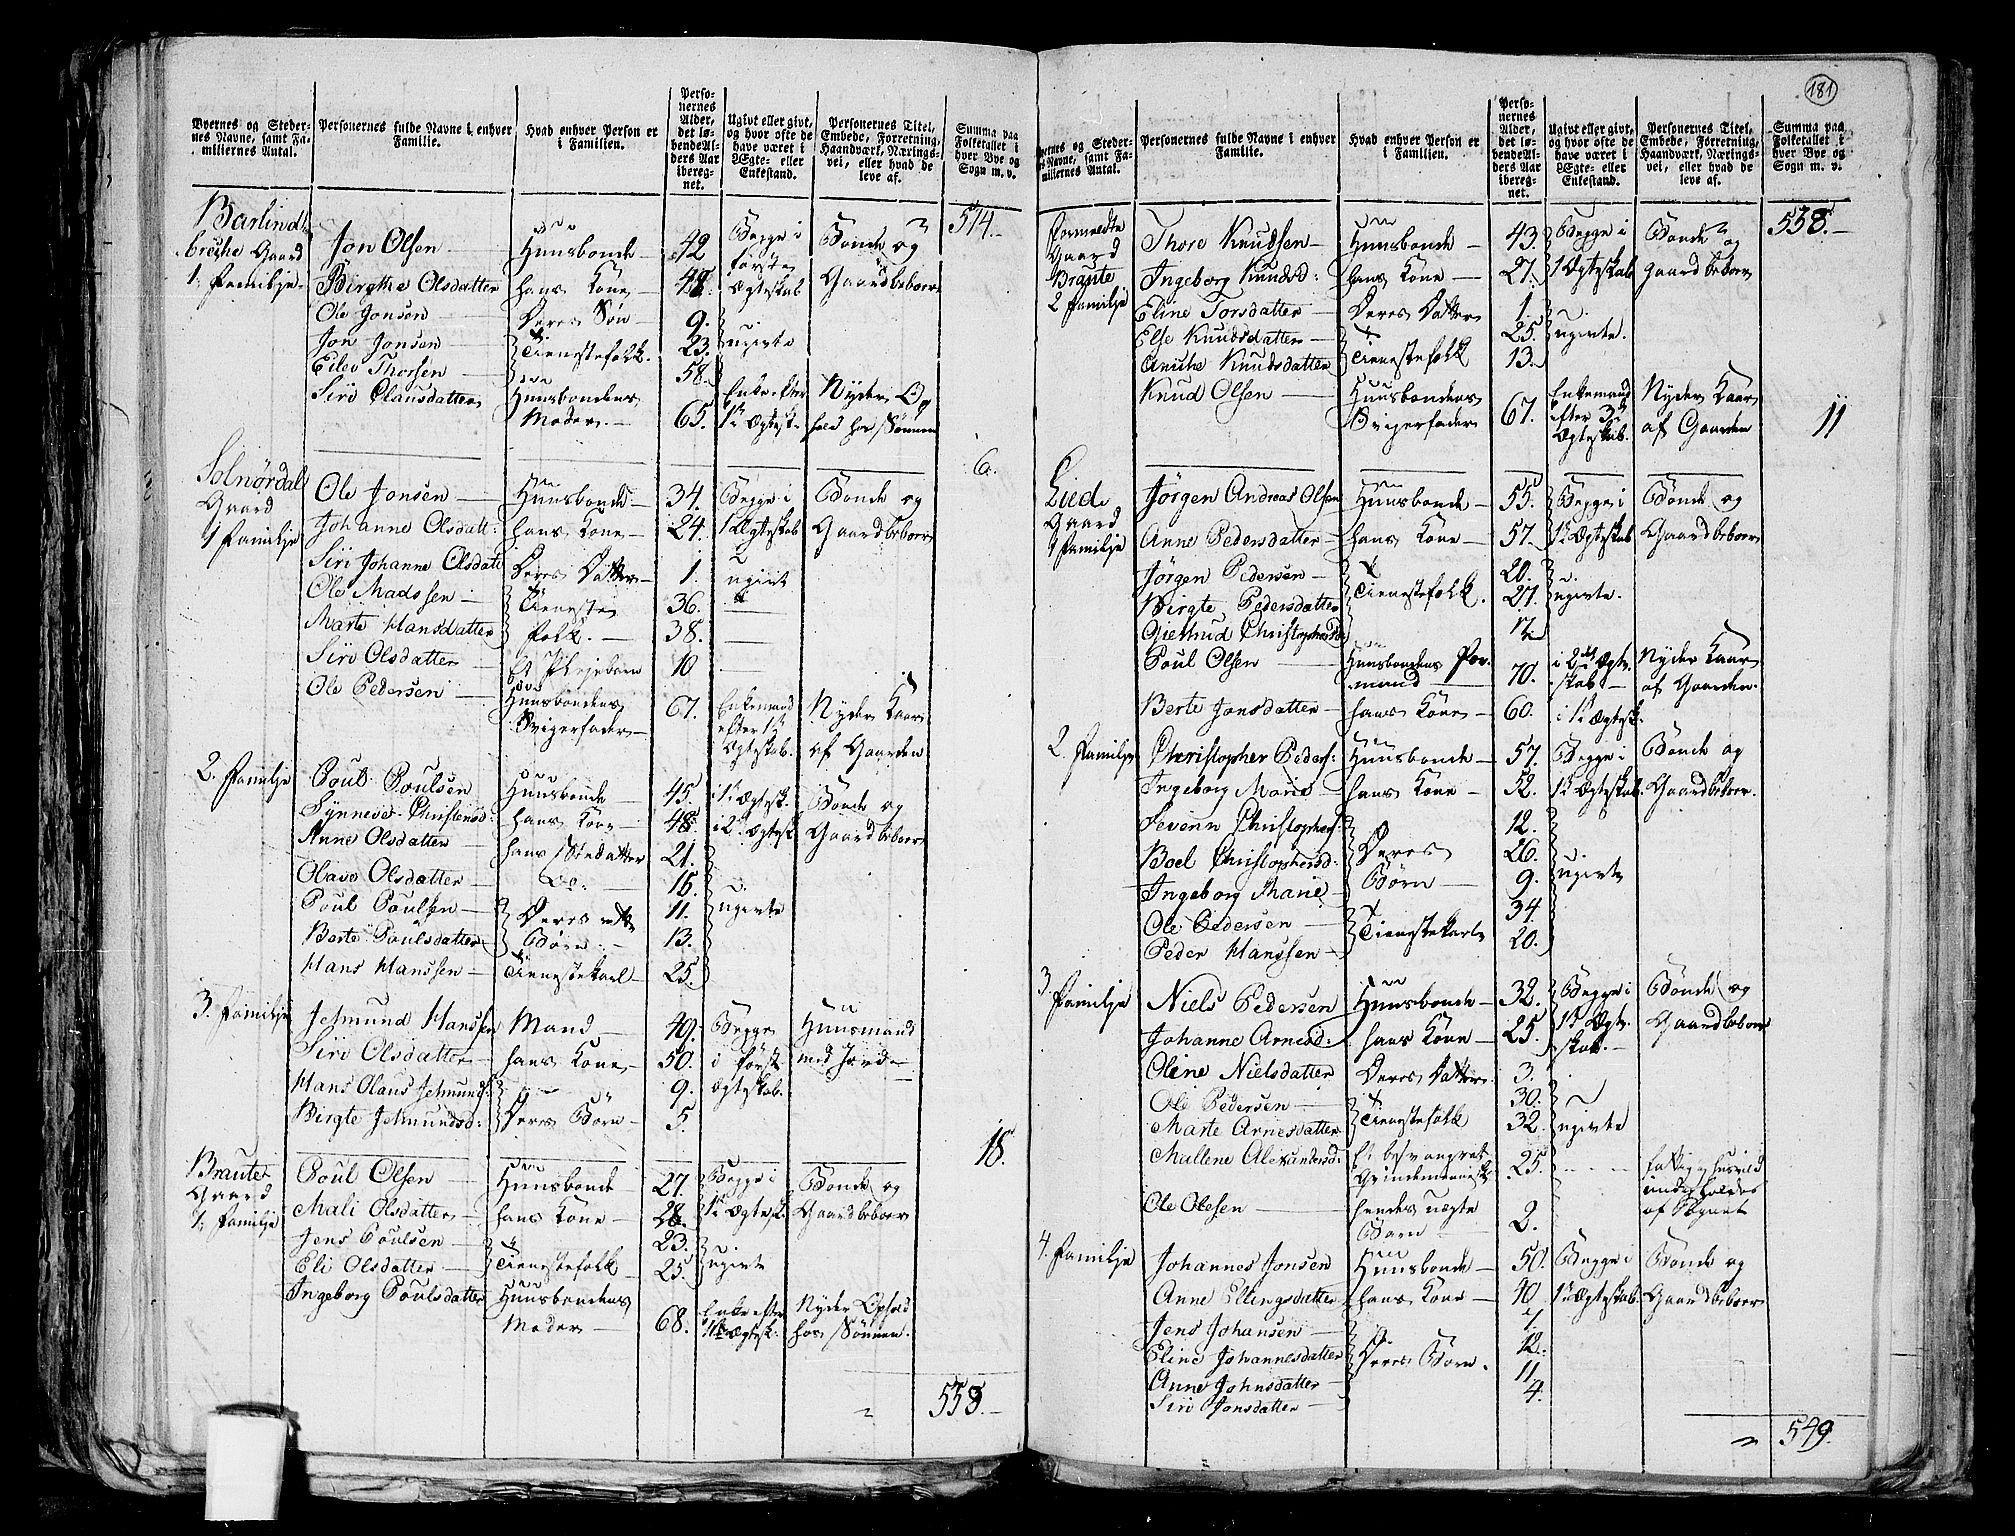 RA, Folketelling 1801 for 1527P Ørskog prestegjeld, 1801, s. 180b-181a